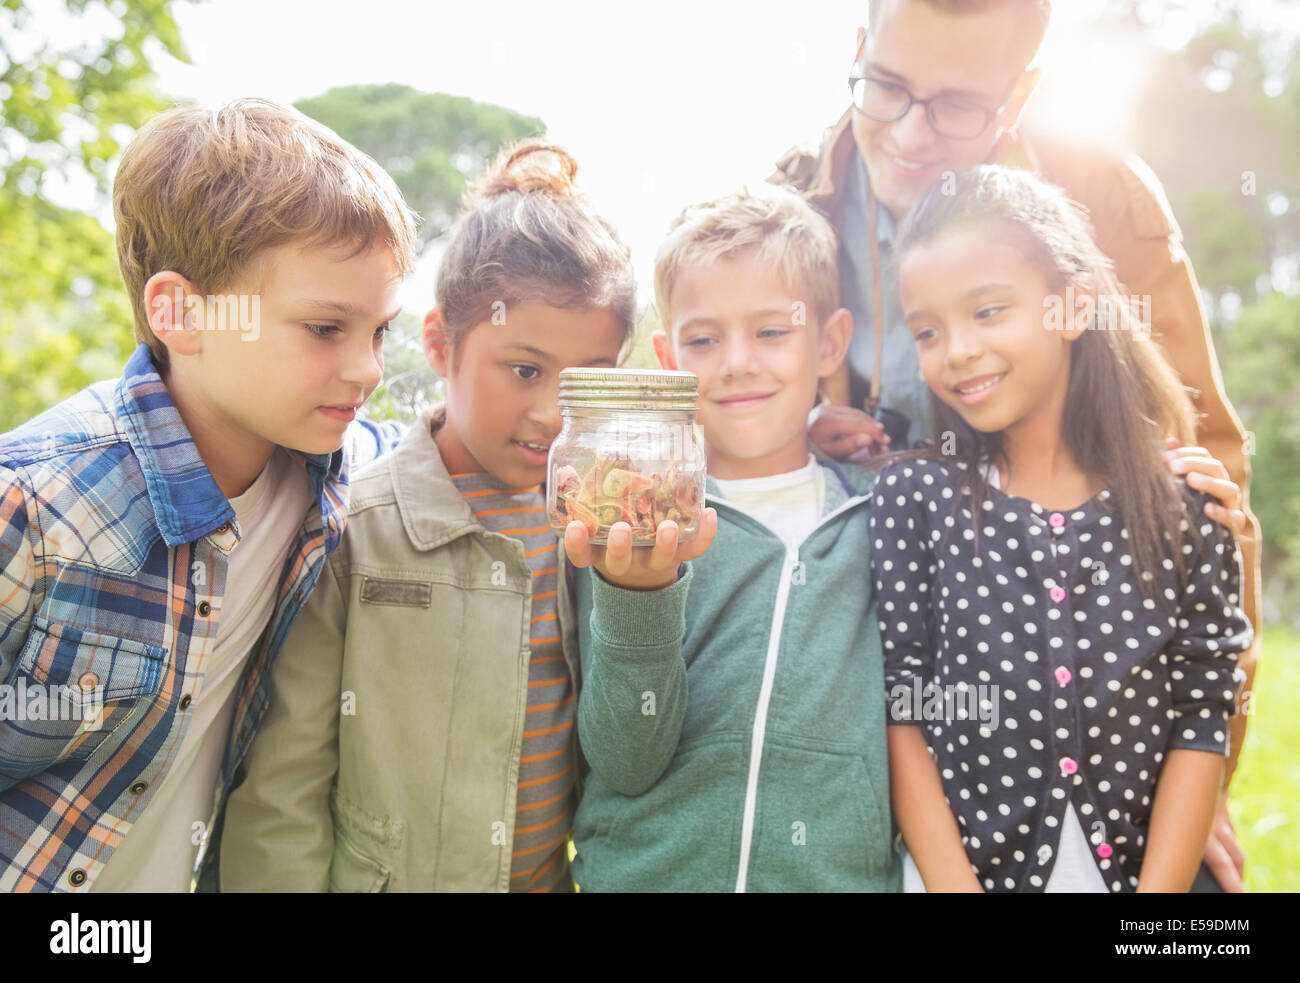 Studente e insegnante di esaminare la presenza di insetti nel vasetto esterno Immagini Stock